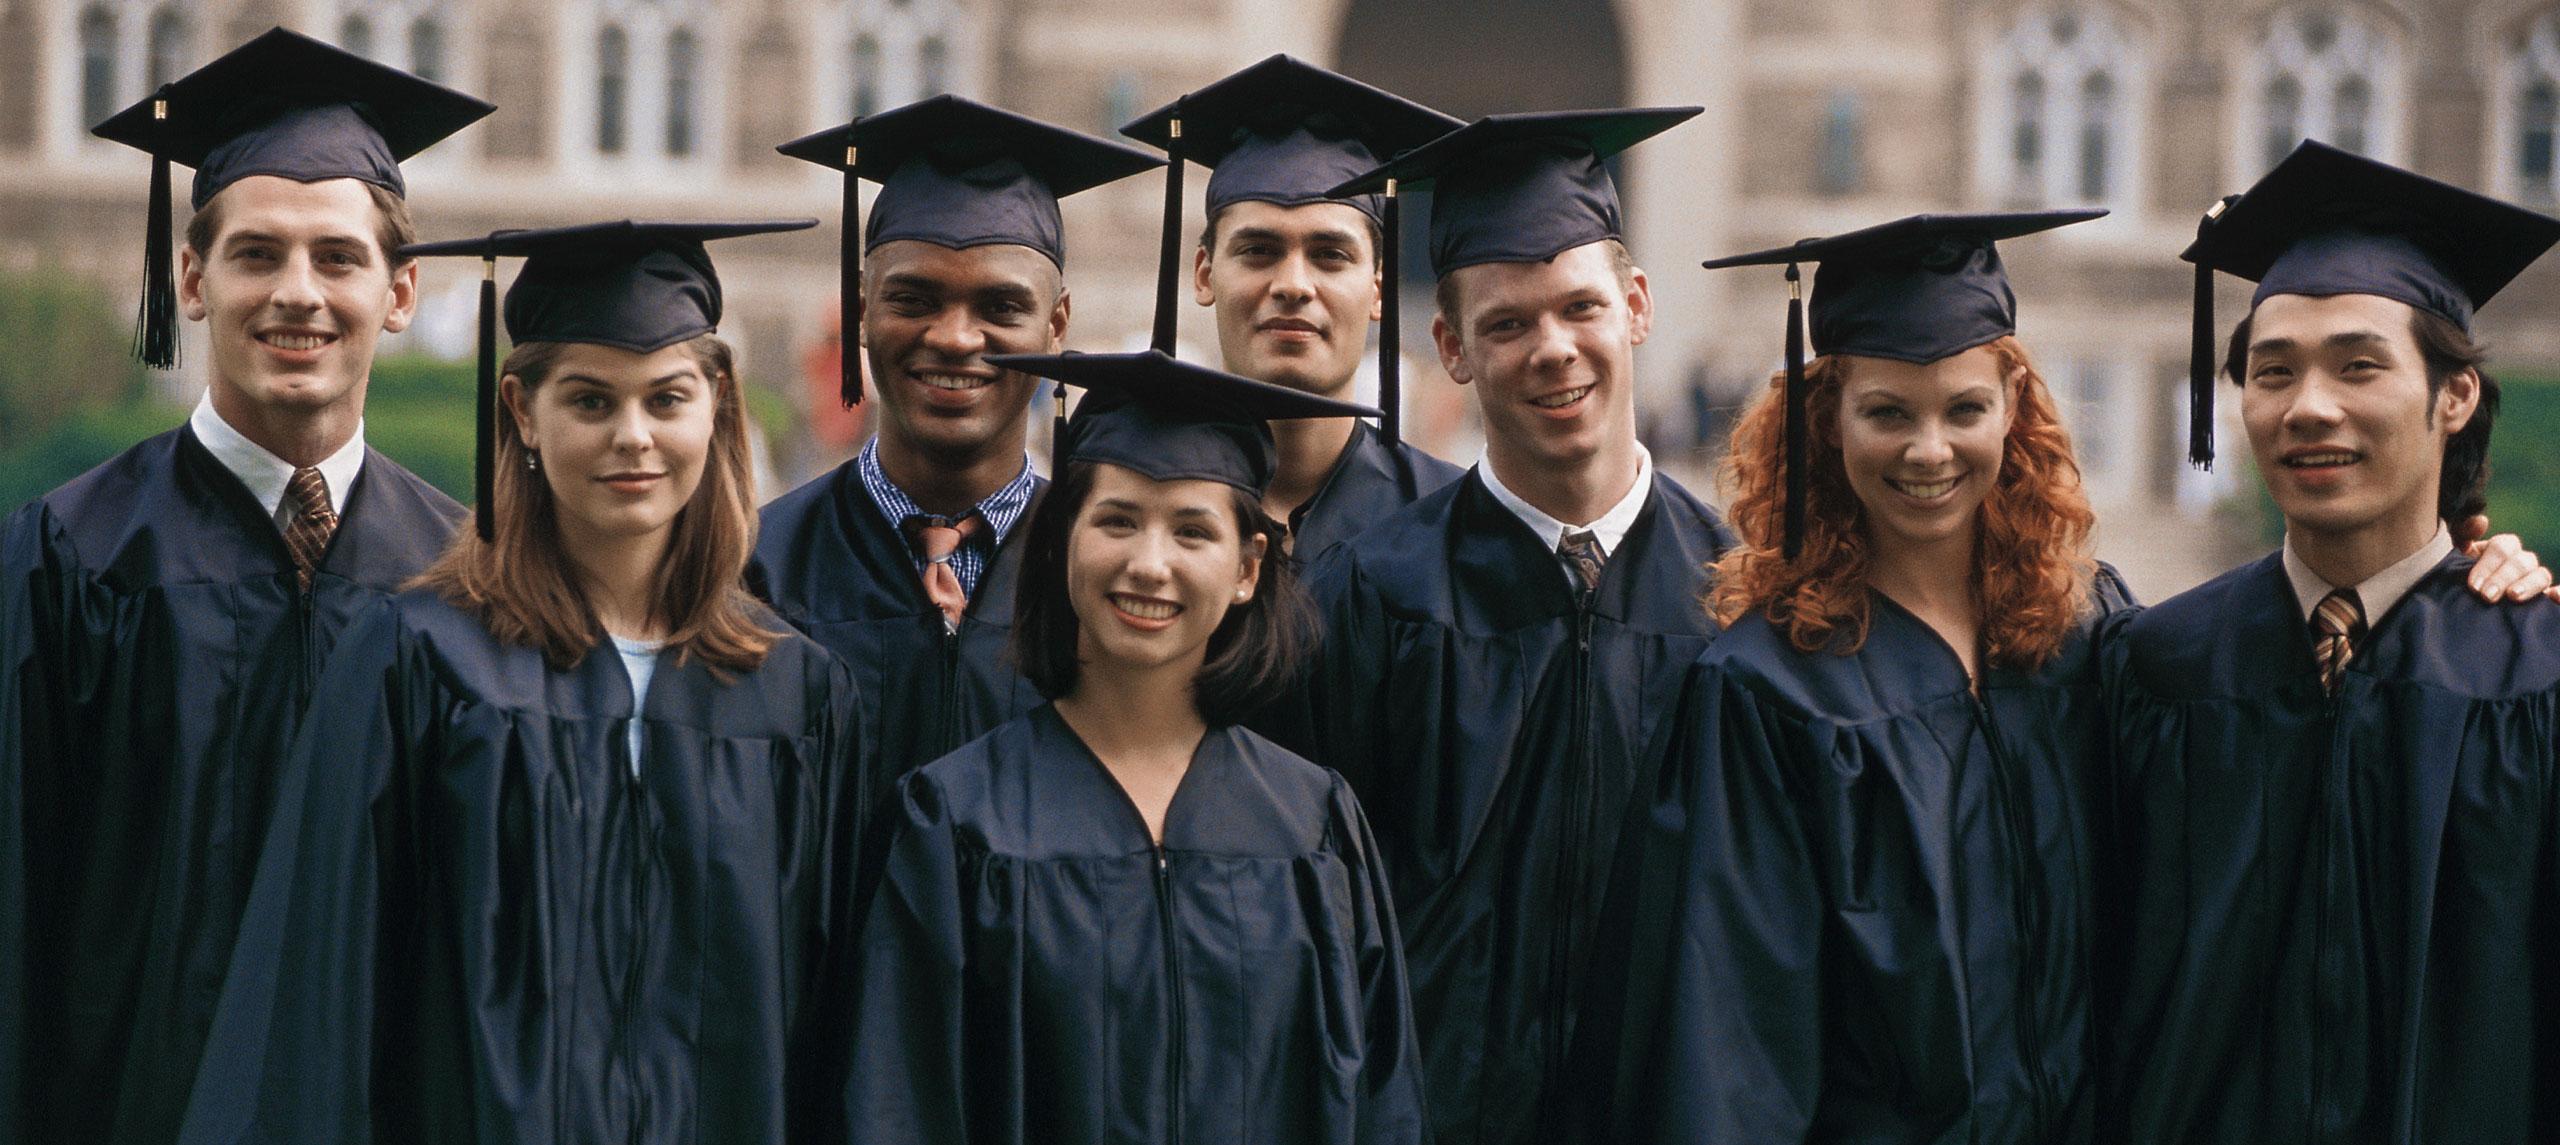 Bachelor Degree To Phd